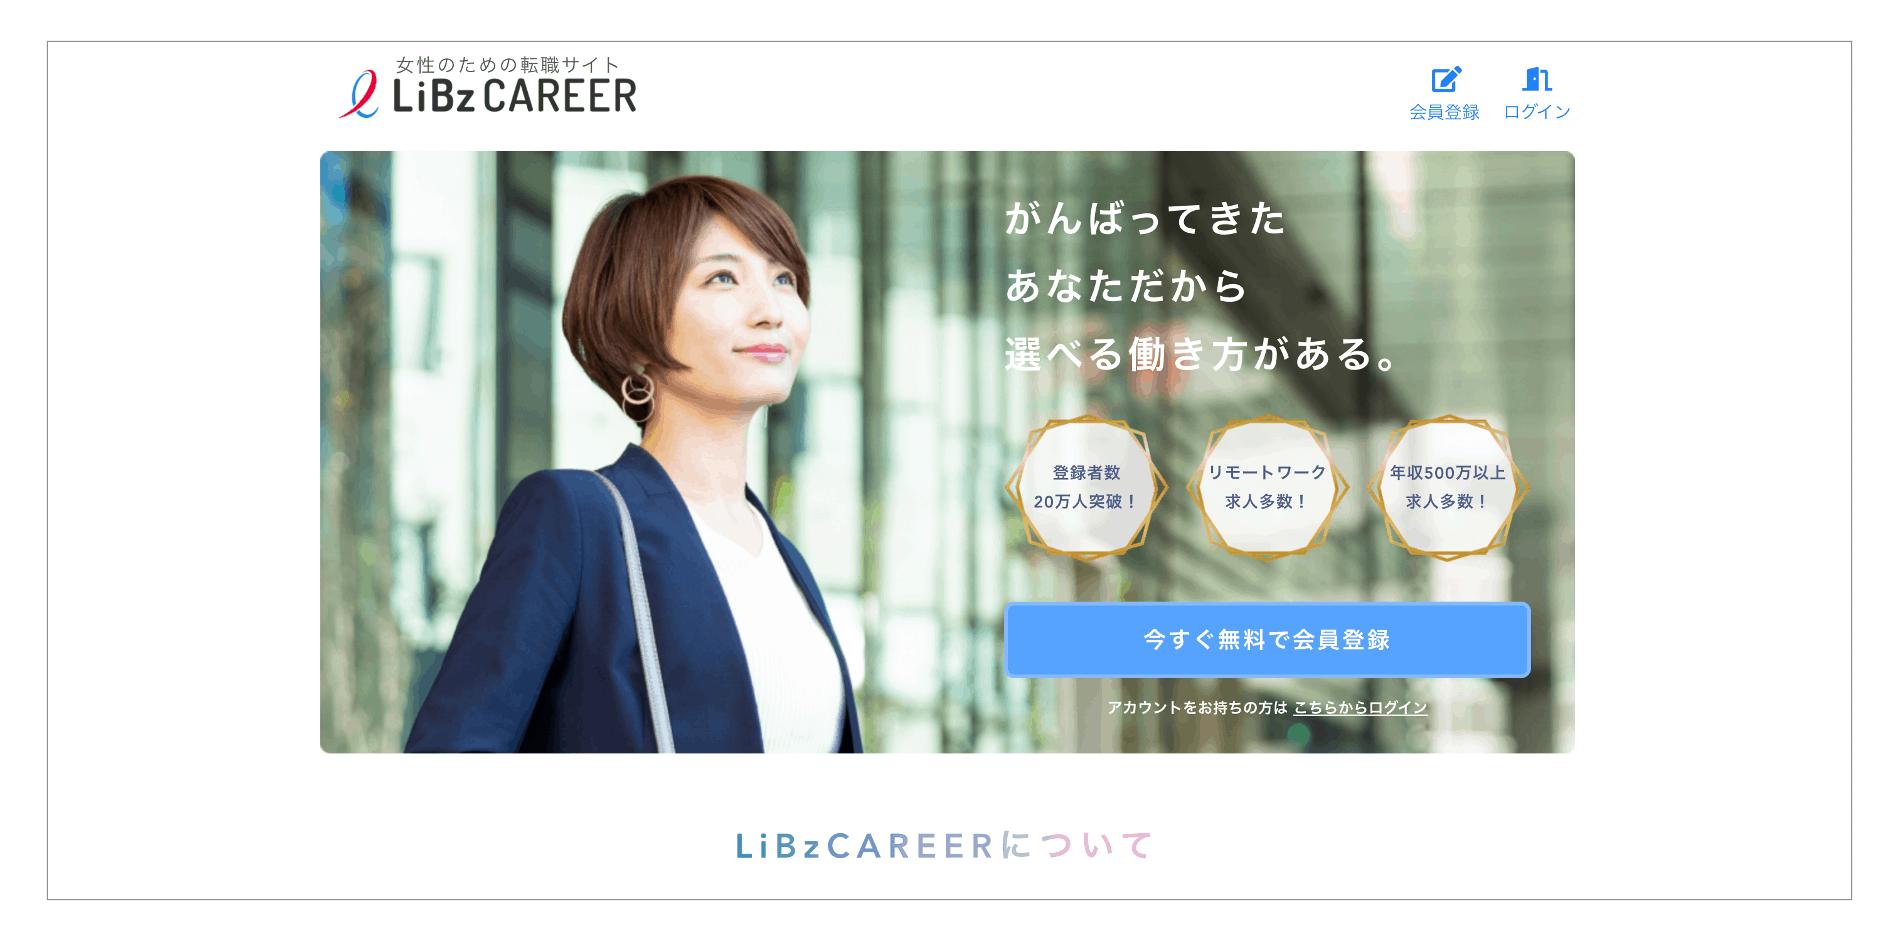 おすすめの転職サイト「LiBzCAREER」